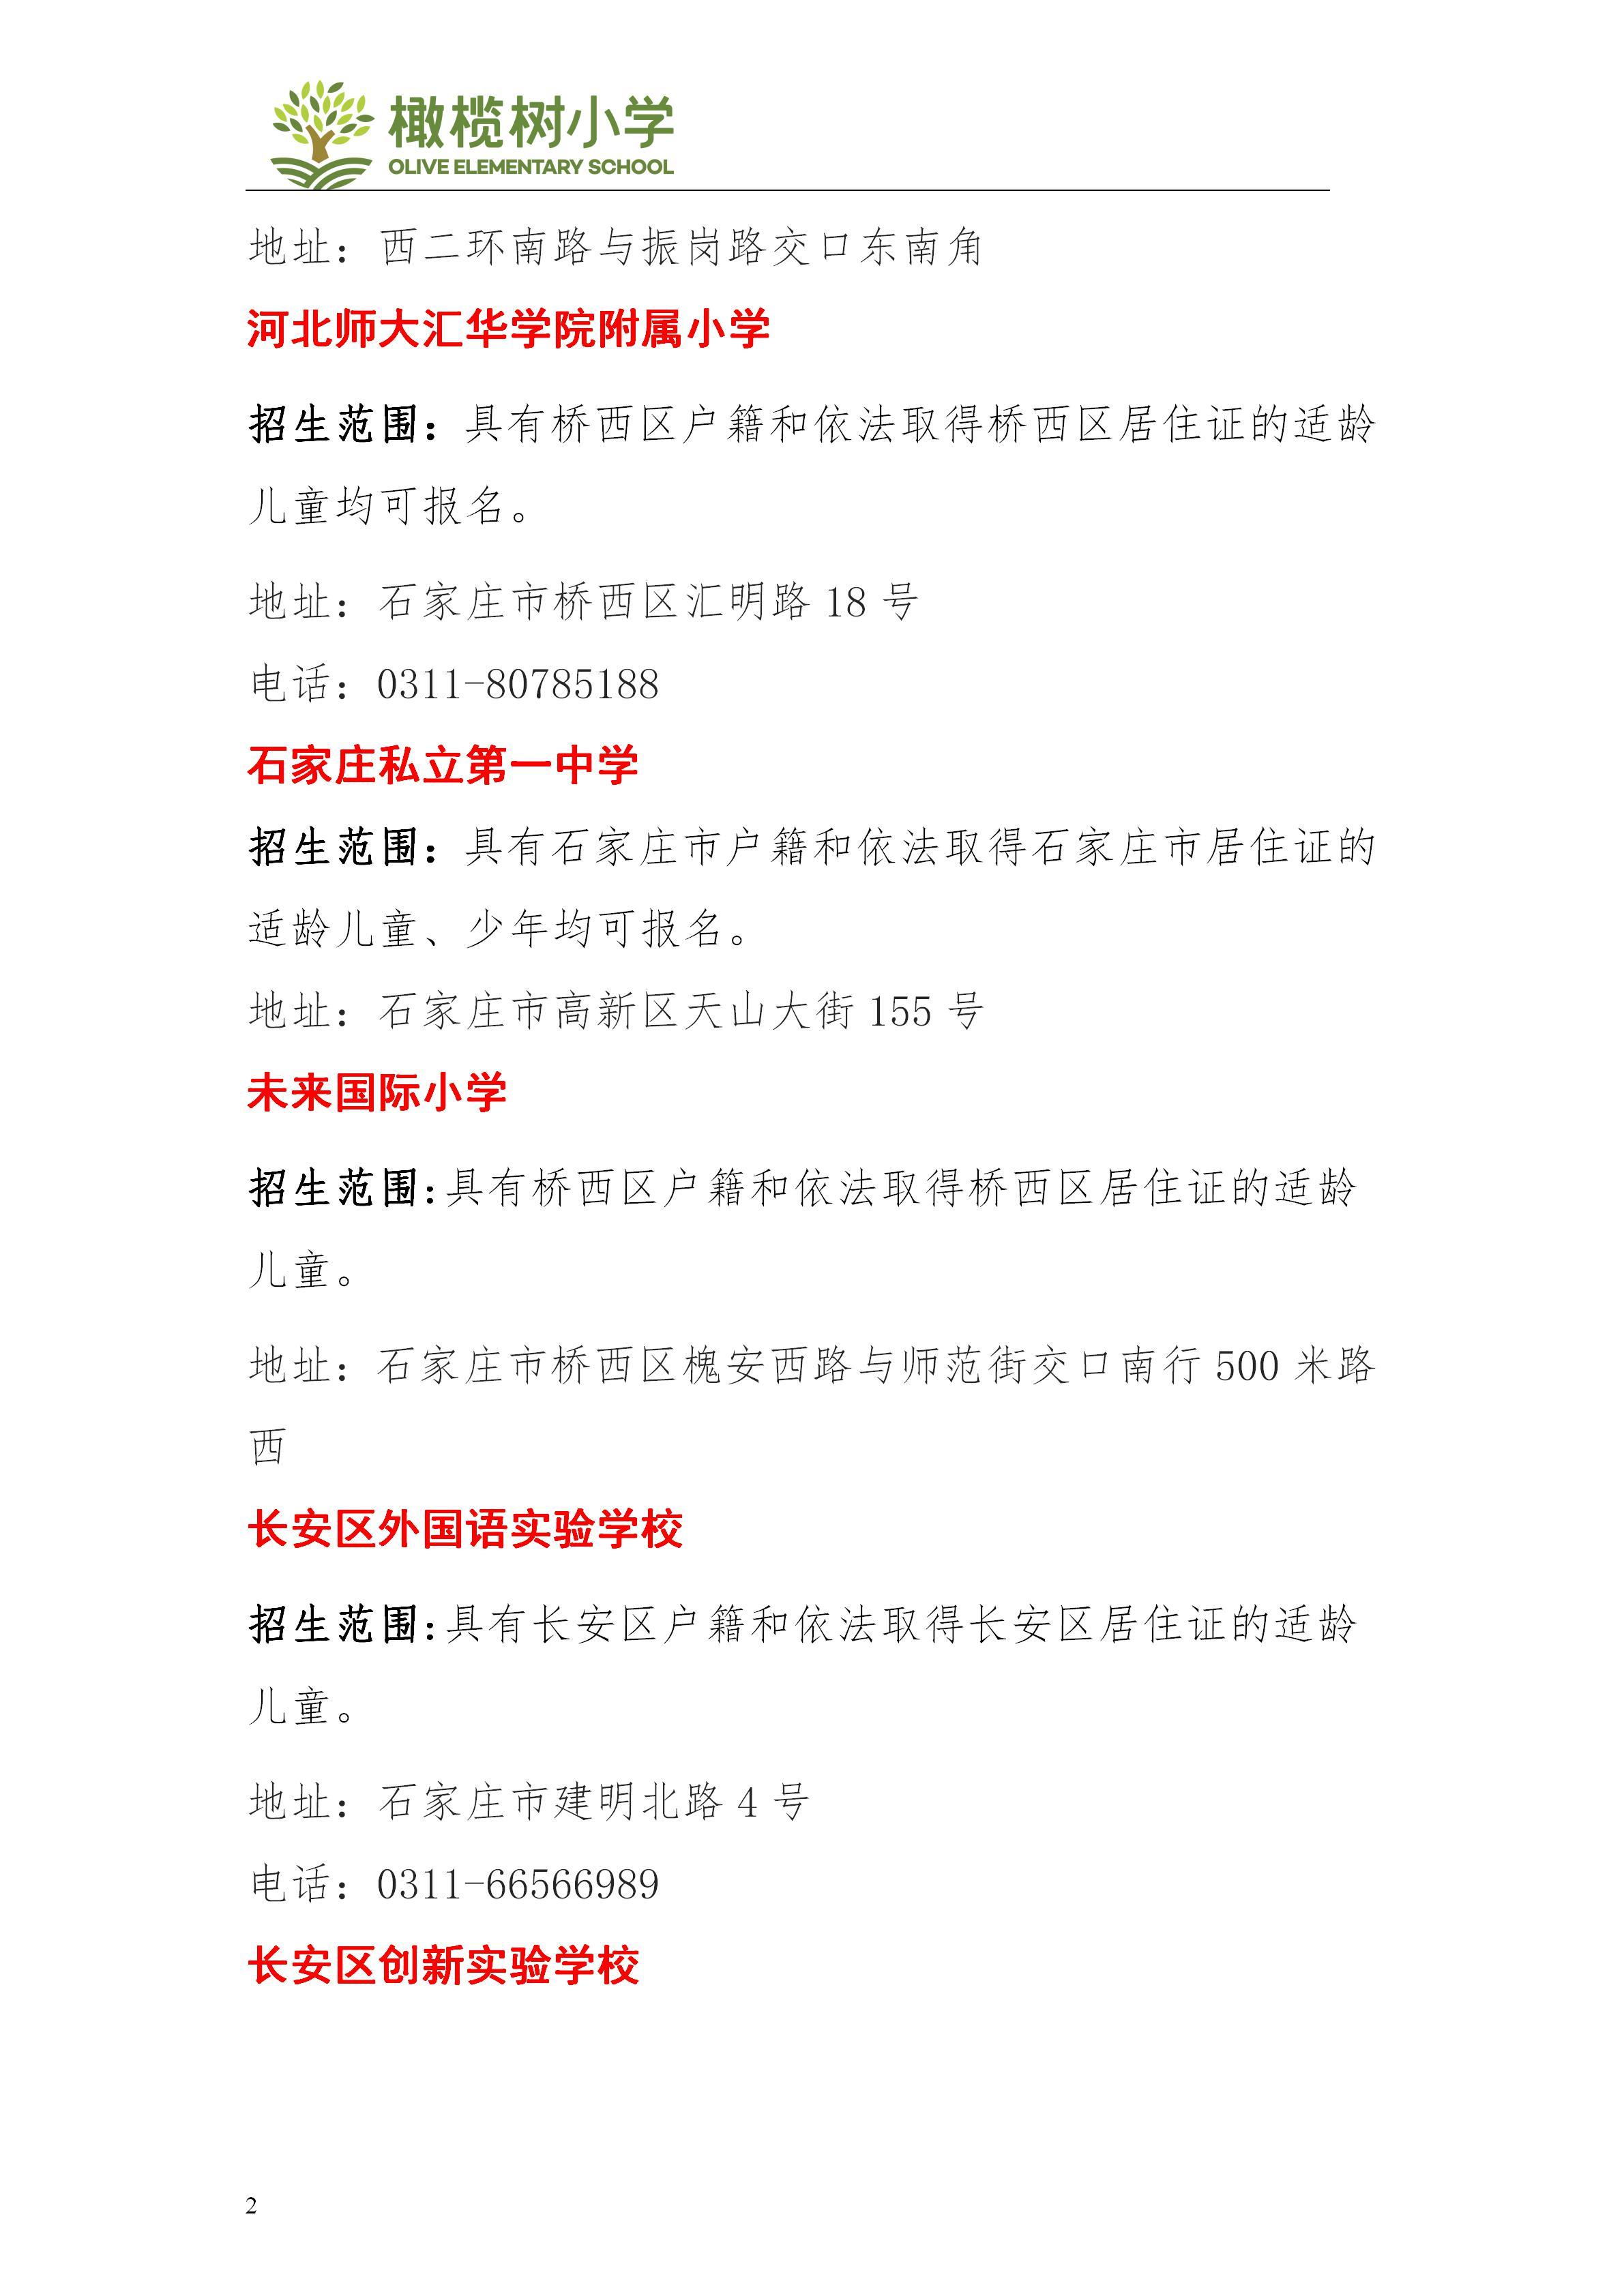 石家庄私立小学汇总2020版本_02.jpg